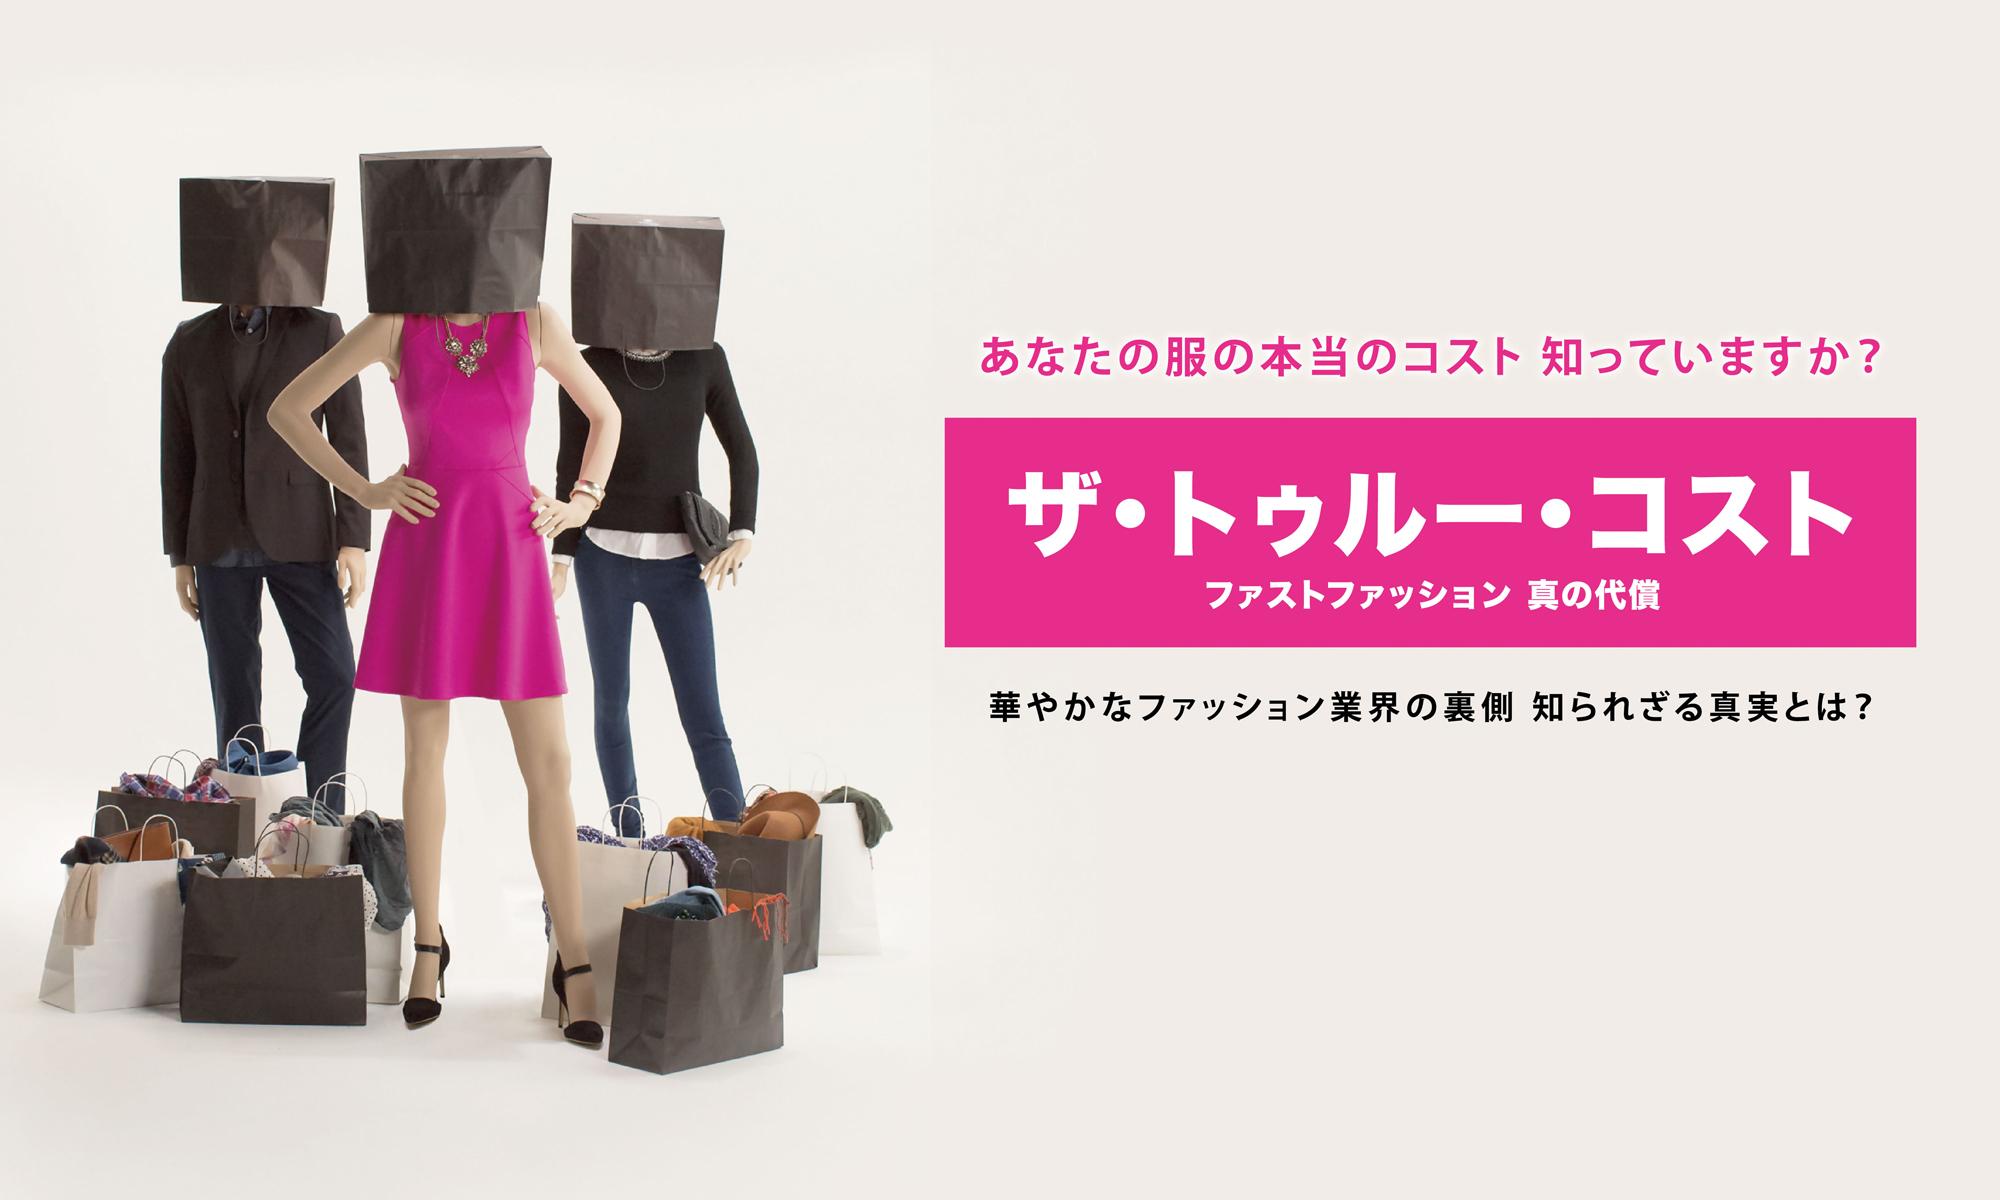 【服着る人必見】映画『ザ・トゥルー・コスト ~ファストファッション 真の代償~』【ネットフリックス】